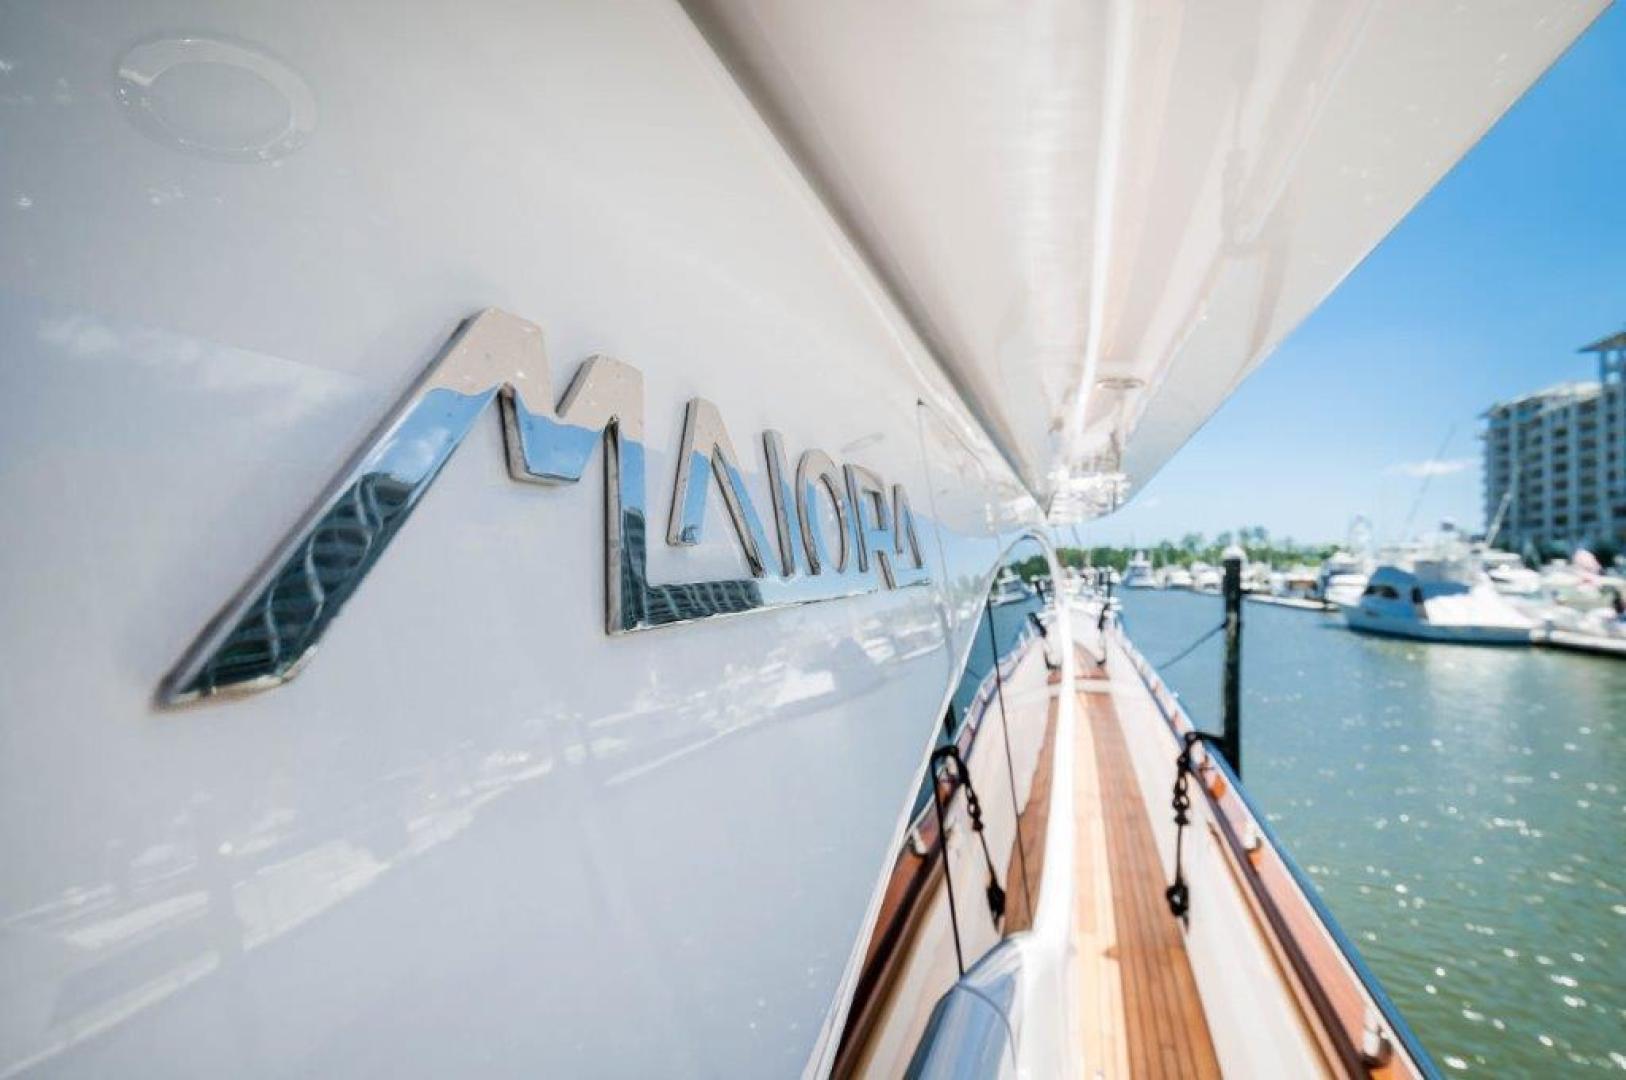 Maiora-84 Motor Yacht 2015-Never Rest SANDESTIN-Florida-United States-2015 Maiora 84 Motor Yacht Logo Never Rest-720541 | Thumbnail